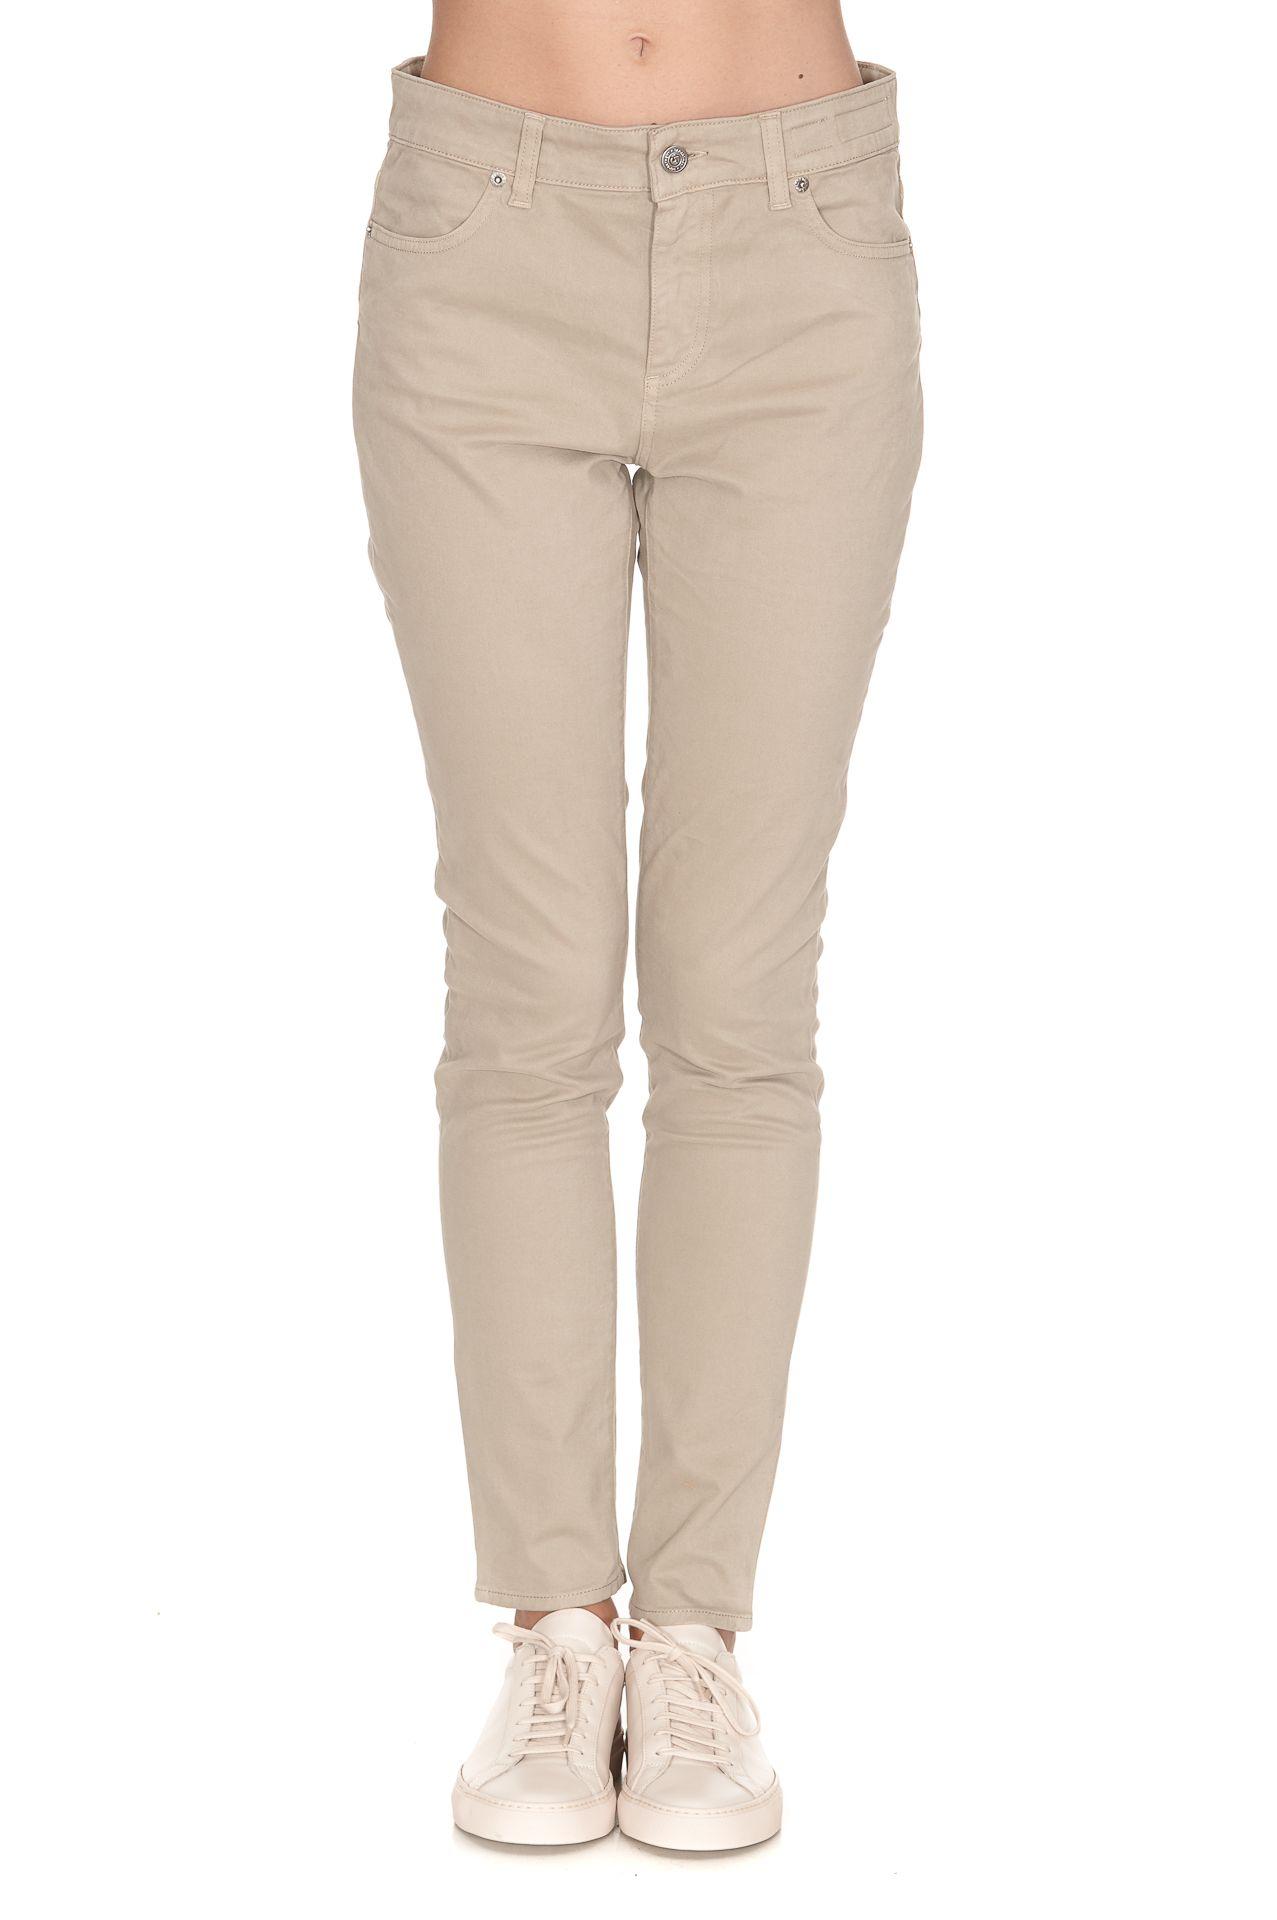 Department 5 Ringo Trousers